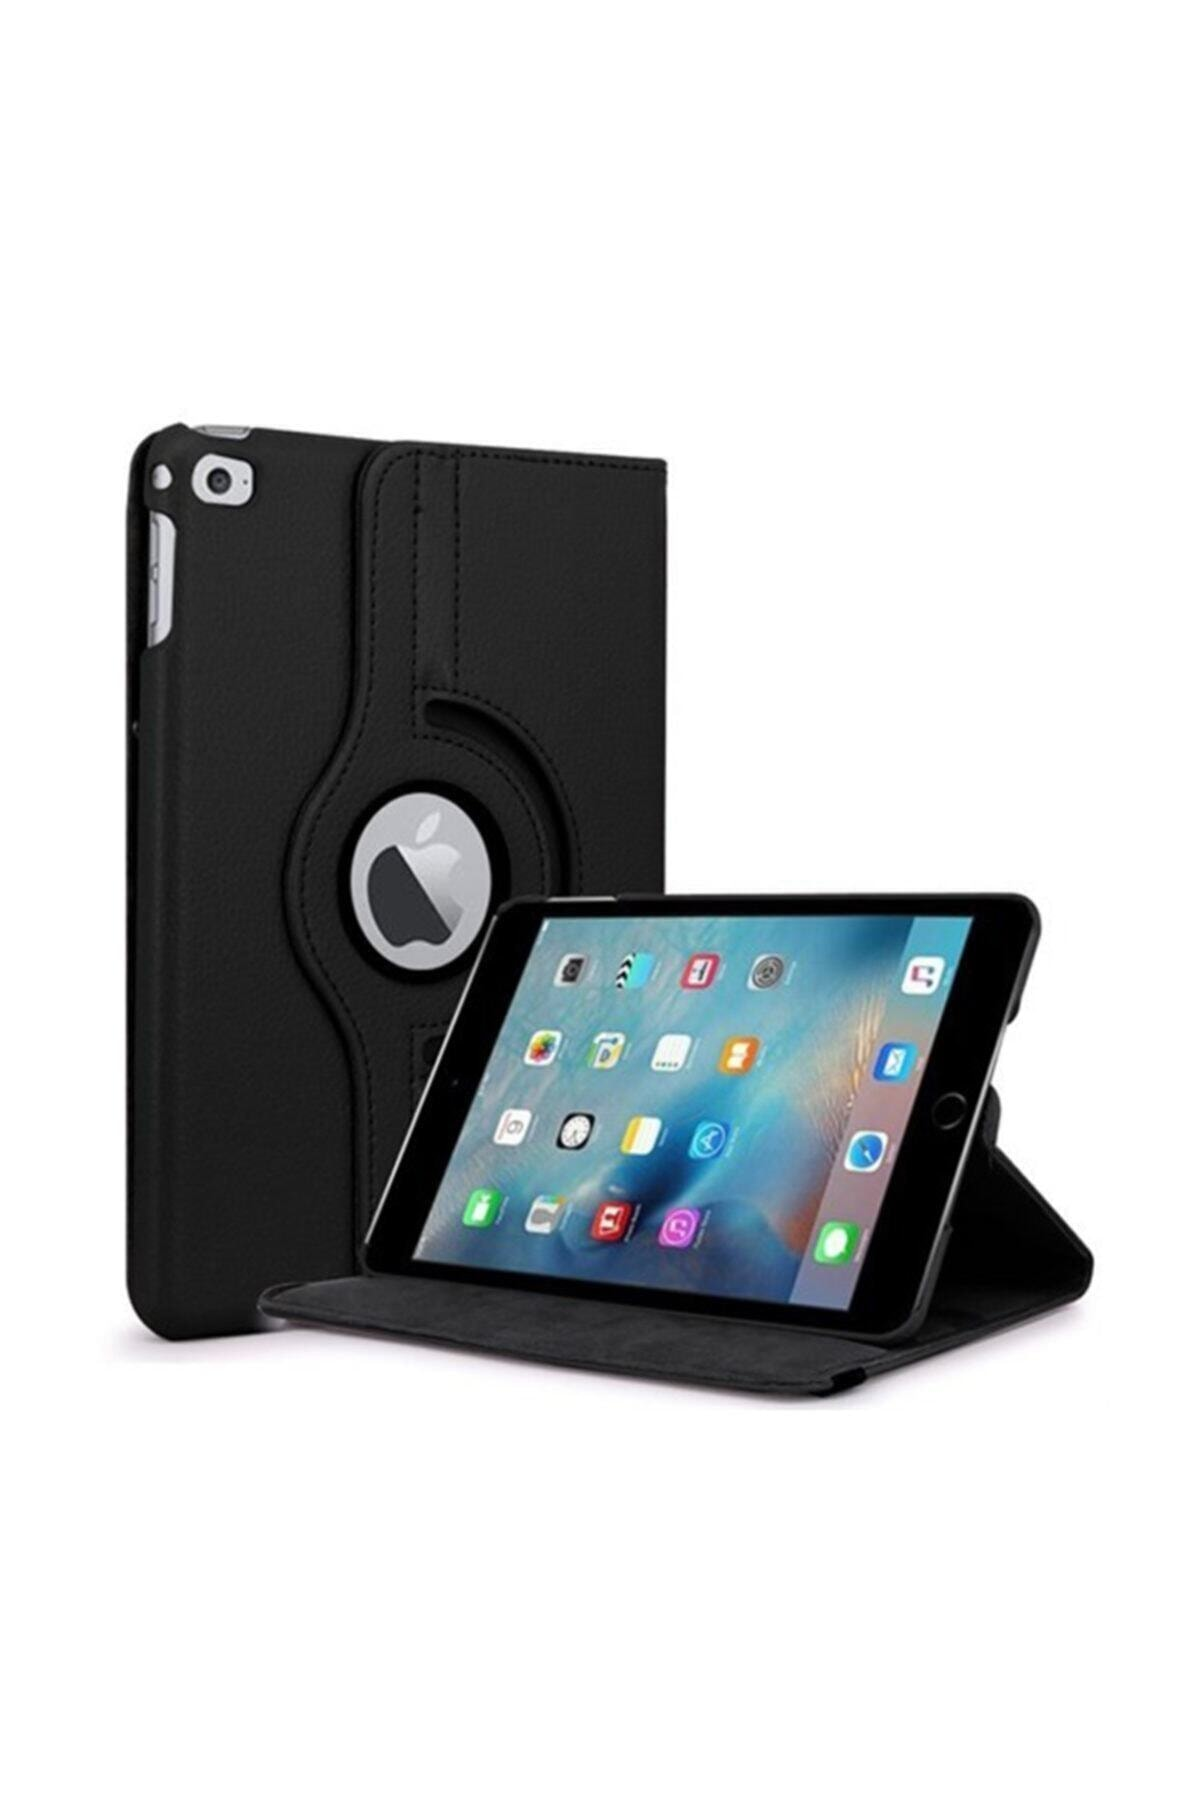 zore Ipad Air 3 Uyumlu  Tablet Kılıfı 2